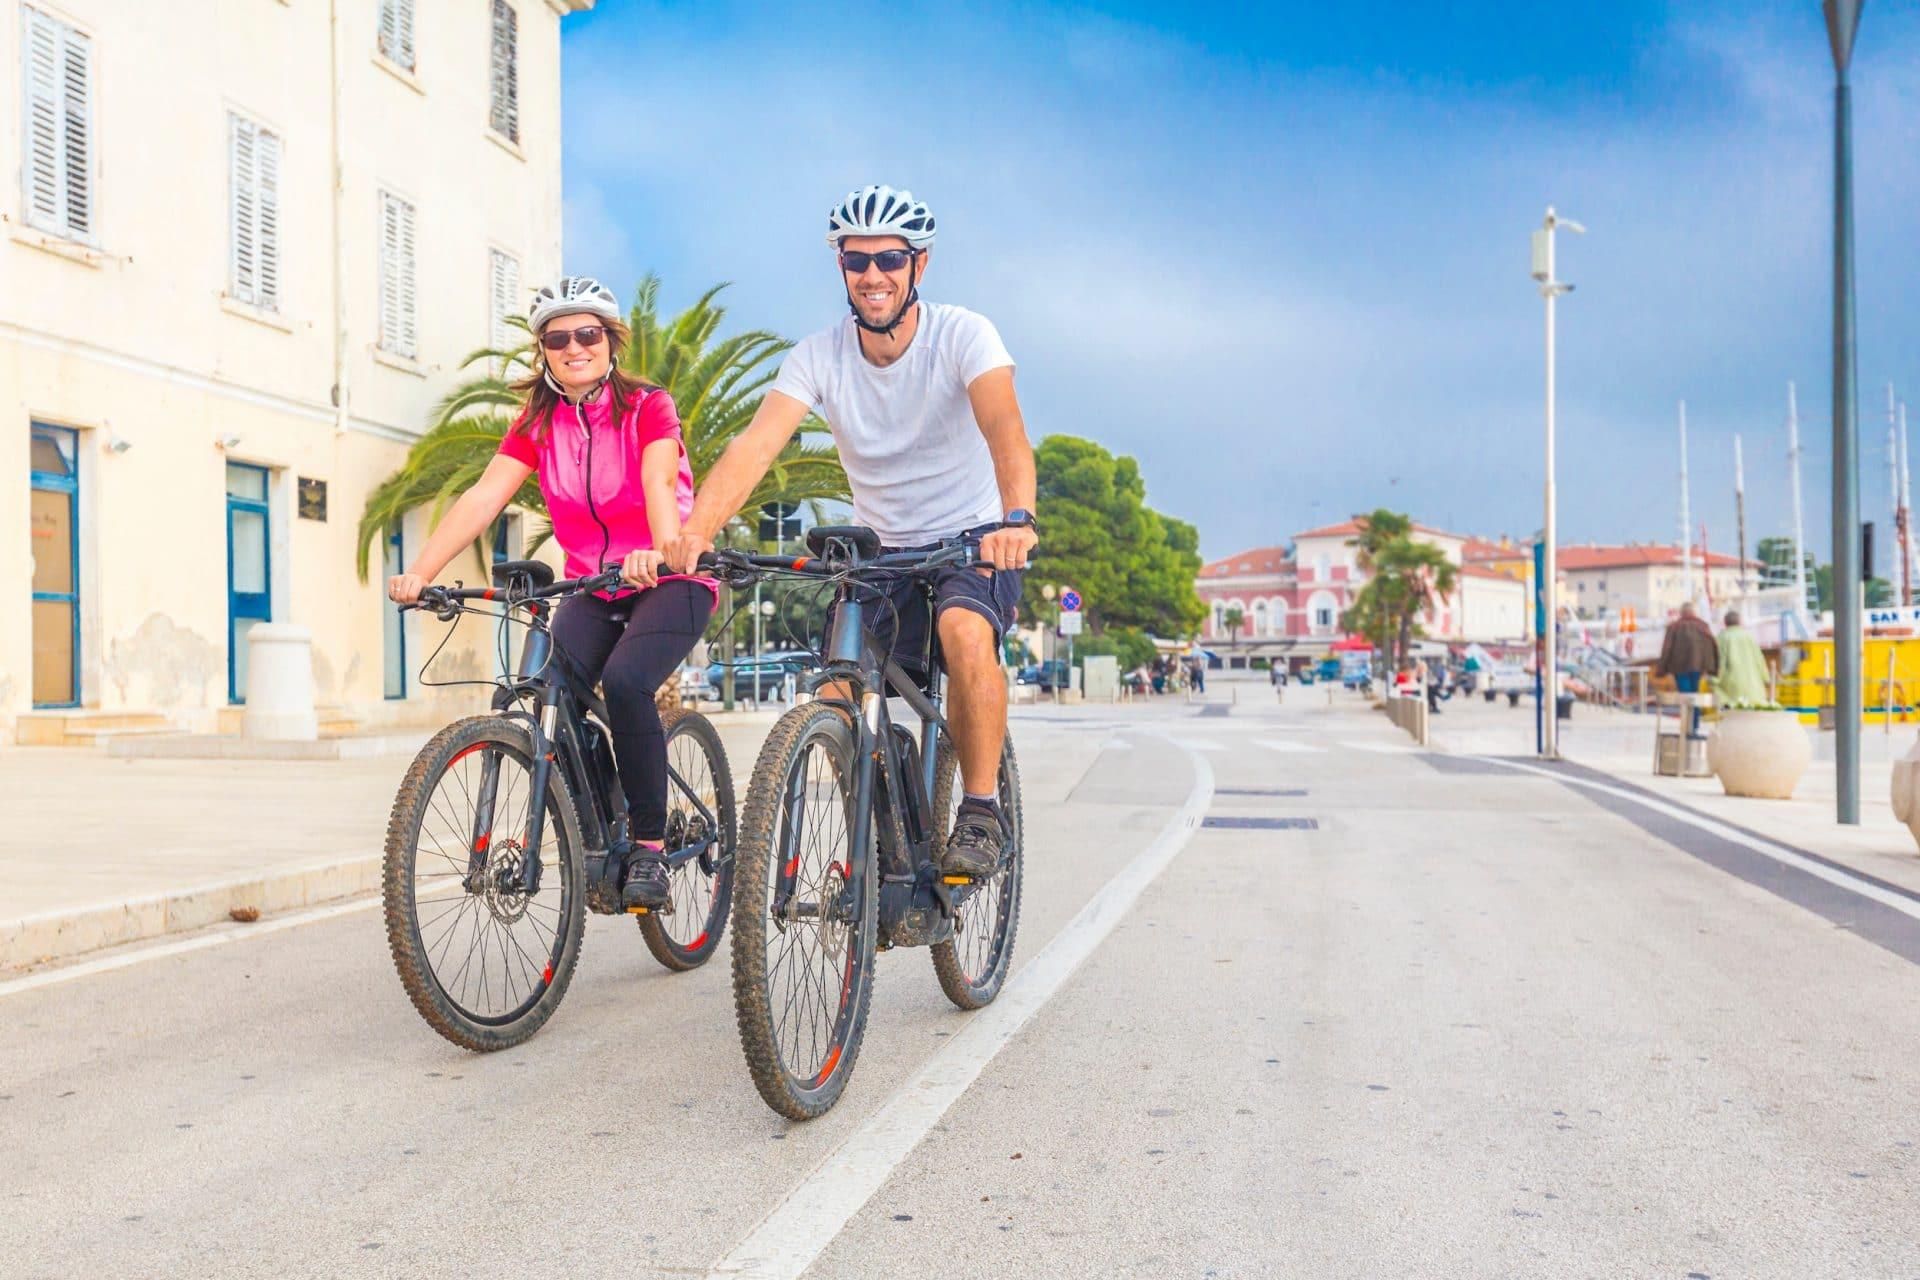 E-bike cycling in Rovinj